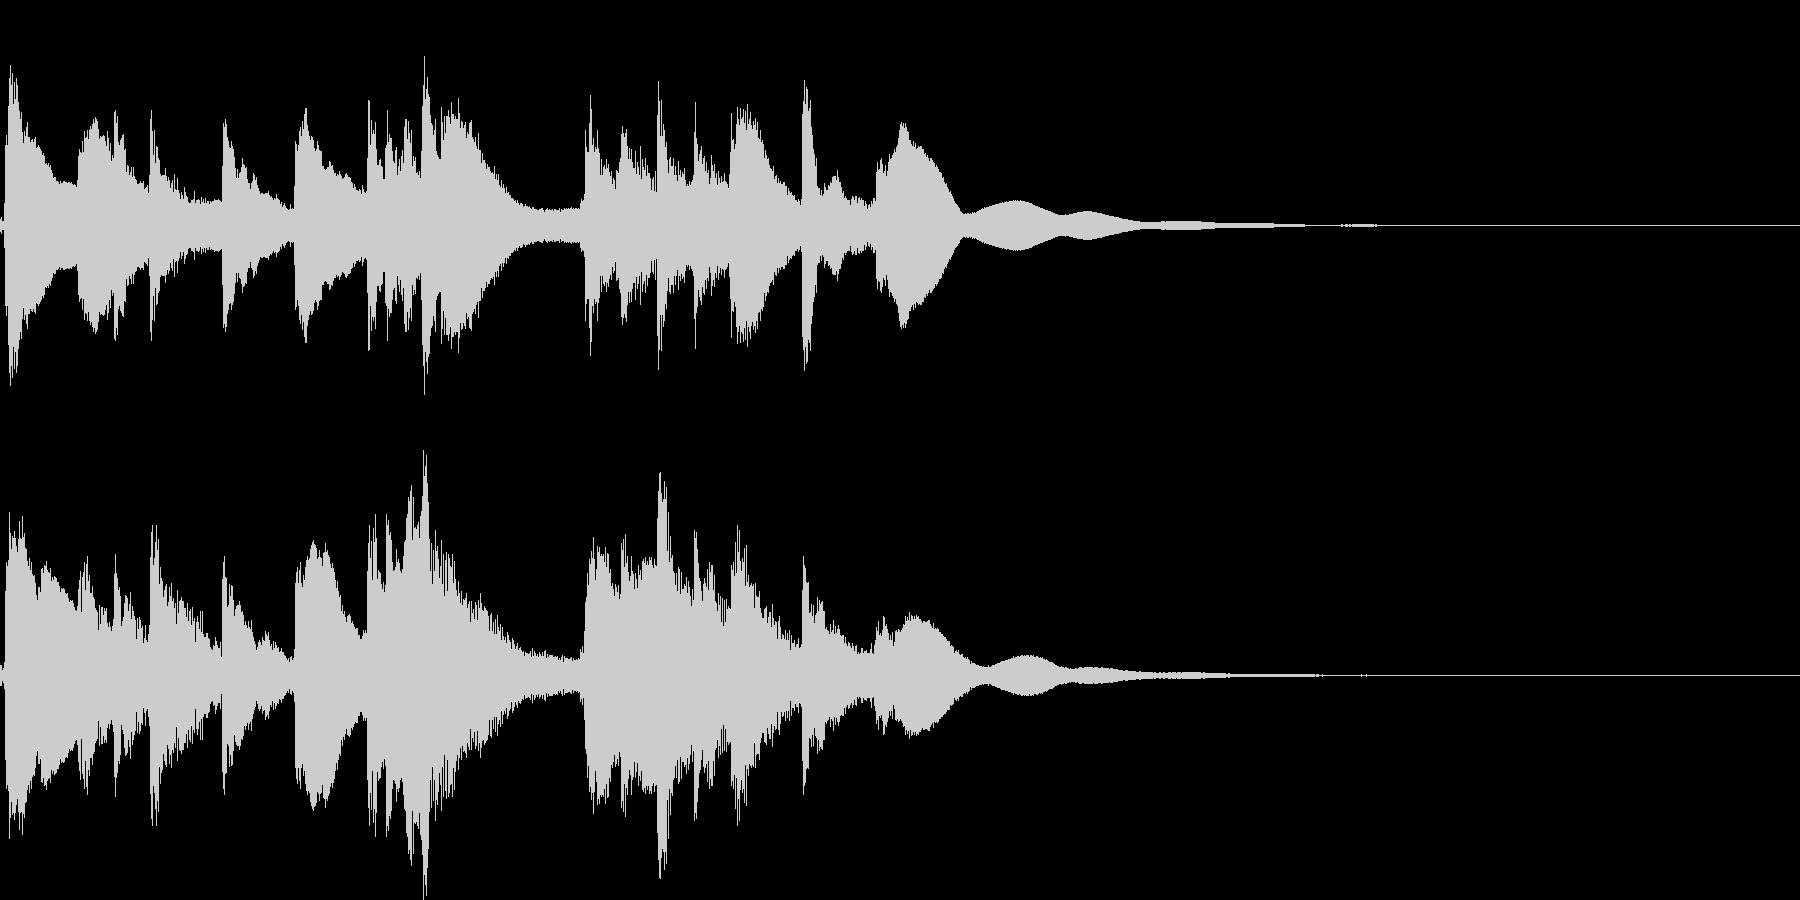 琴☆アイキャッチ3 リバーブ有の未再生の波形